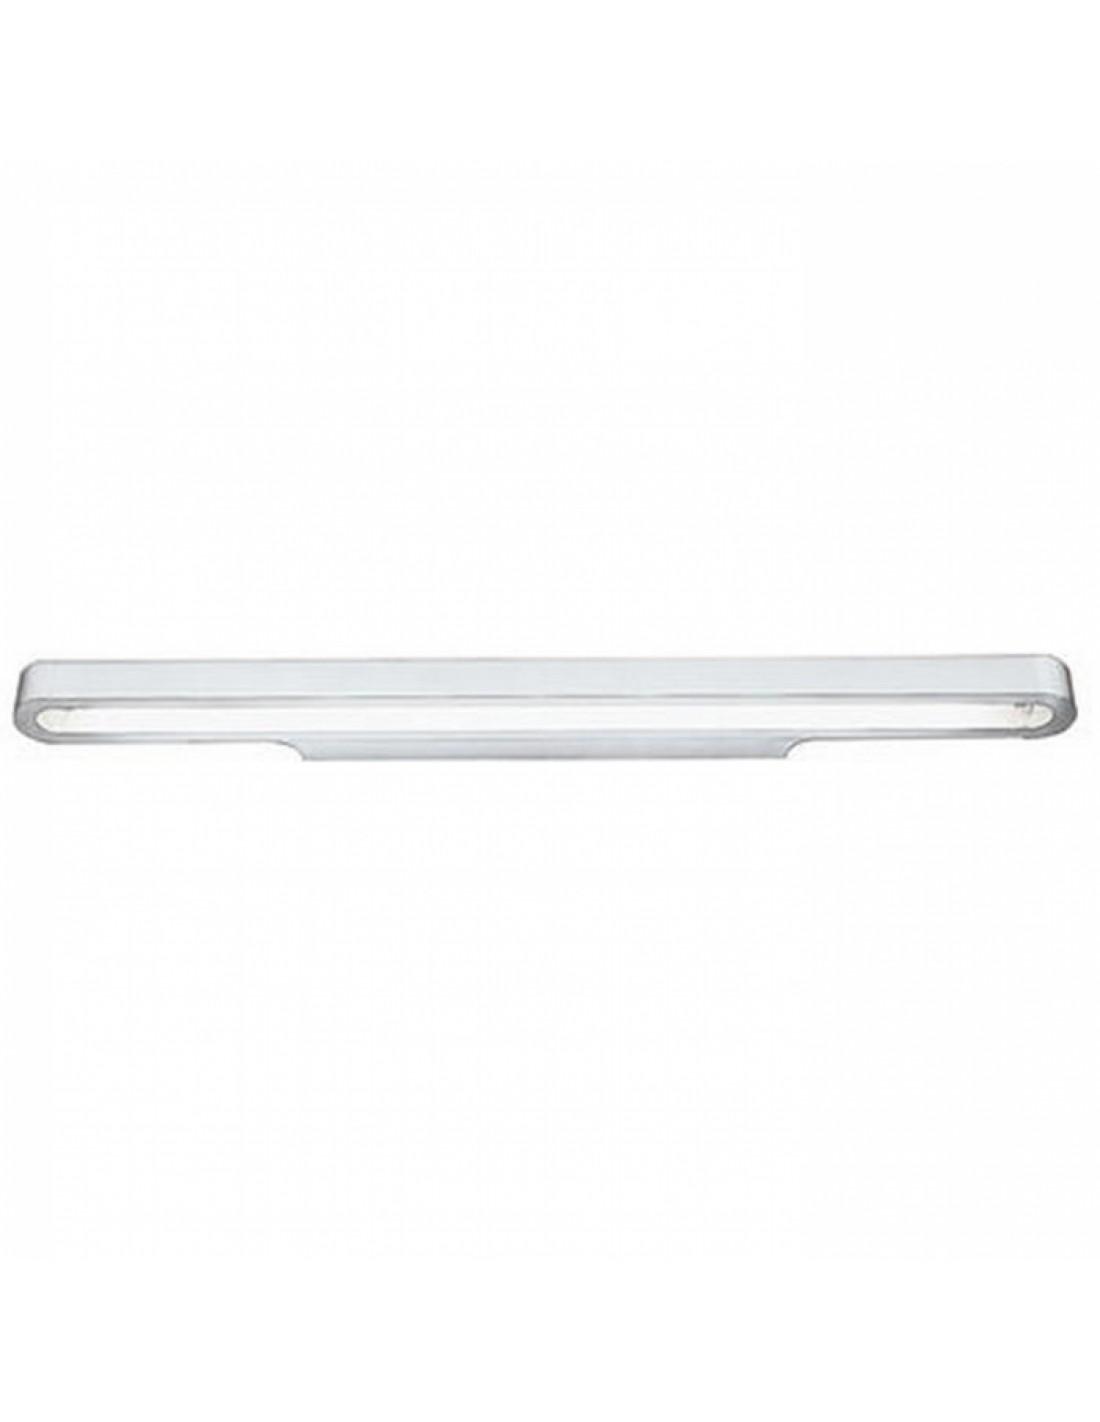 Applique Talo 120 aluminium blanc Artemide